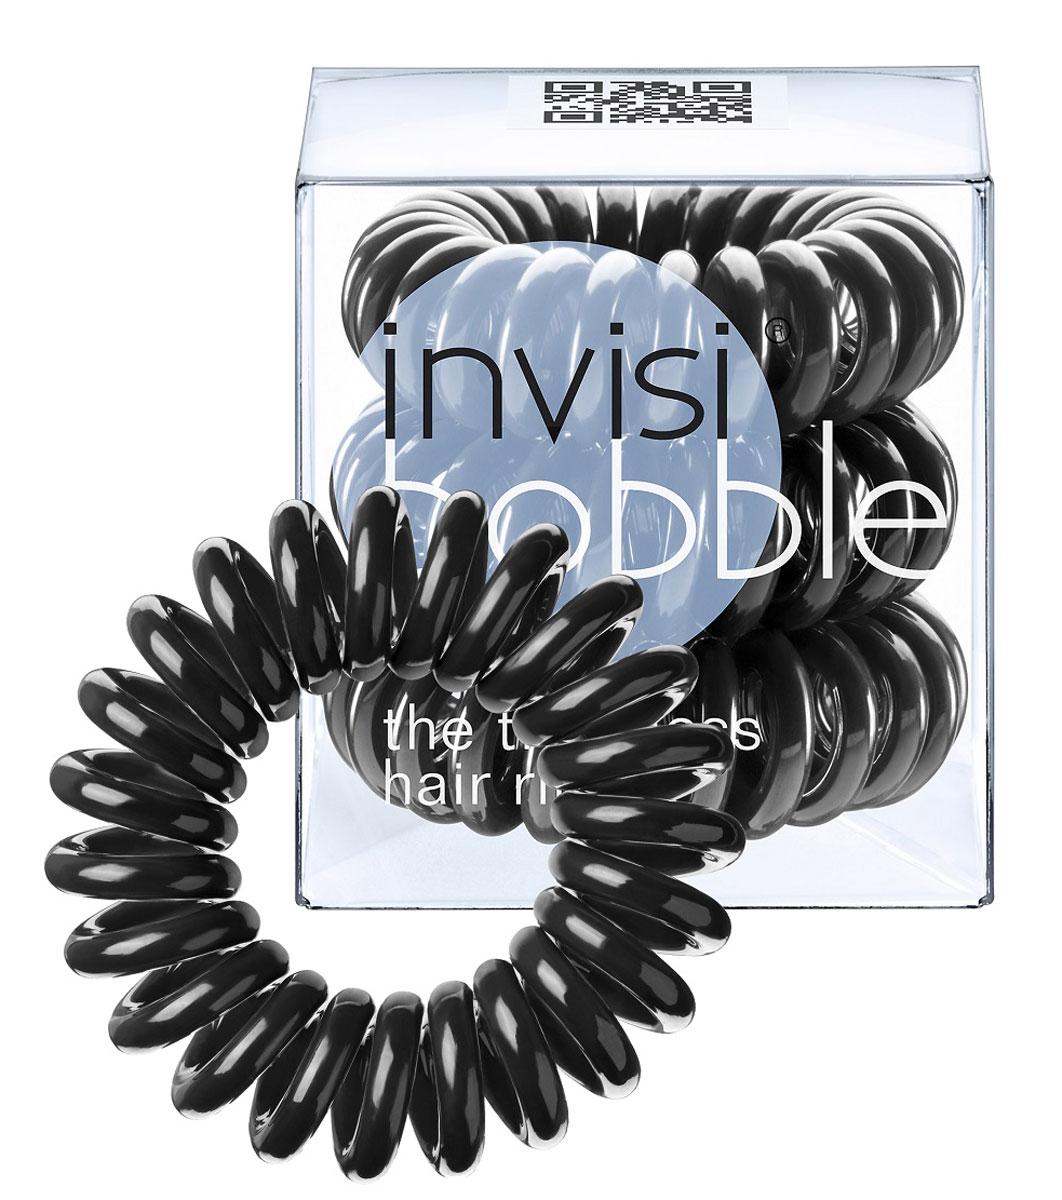 Invisibobble Резинка-браслет для волос True Black, 3 шт3001Оригинальные резинки-браслеты Invisibobble в форме телефонного шнура, созданные в Германии.Резинки-браслеты Invisibobble подходят для всех типов волос, надежно фиксируют прическу, не оставляют заломов и не вызывают головную боль благодаря неравномерному распределению давления на волосы. Кроме того, они не намокают и не вызывают аллергию при контакте с кожей, поскольку изготовлены из искусственной смолы. Резинка-браслет Invisibobble черного цвета.C резинками Invisibobble можно легко создавать разнообразные прически. Резинки прочно держат волосы любой длины, при этом, не стягивая их слишком туго. Телефонный провод позволяет с легкостью и без вреда для волос протягивать пряди под спираль и ослаблять уже закрепленные для придания объема прическе. Invisibobble Original идеально подходят для ежедневного применения.Не комедогенна.